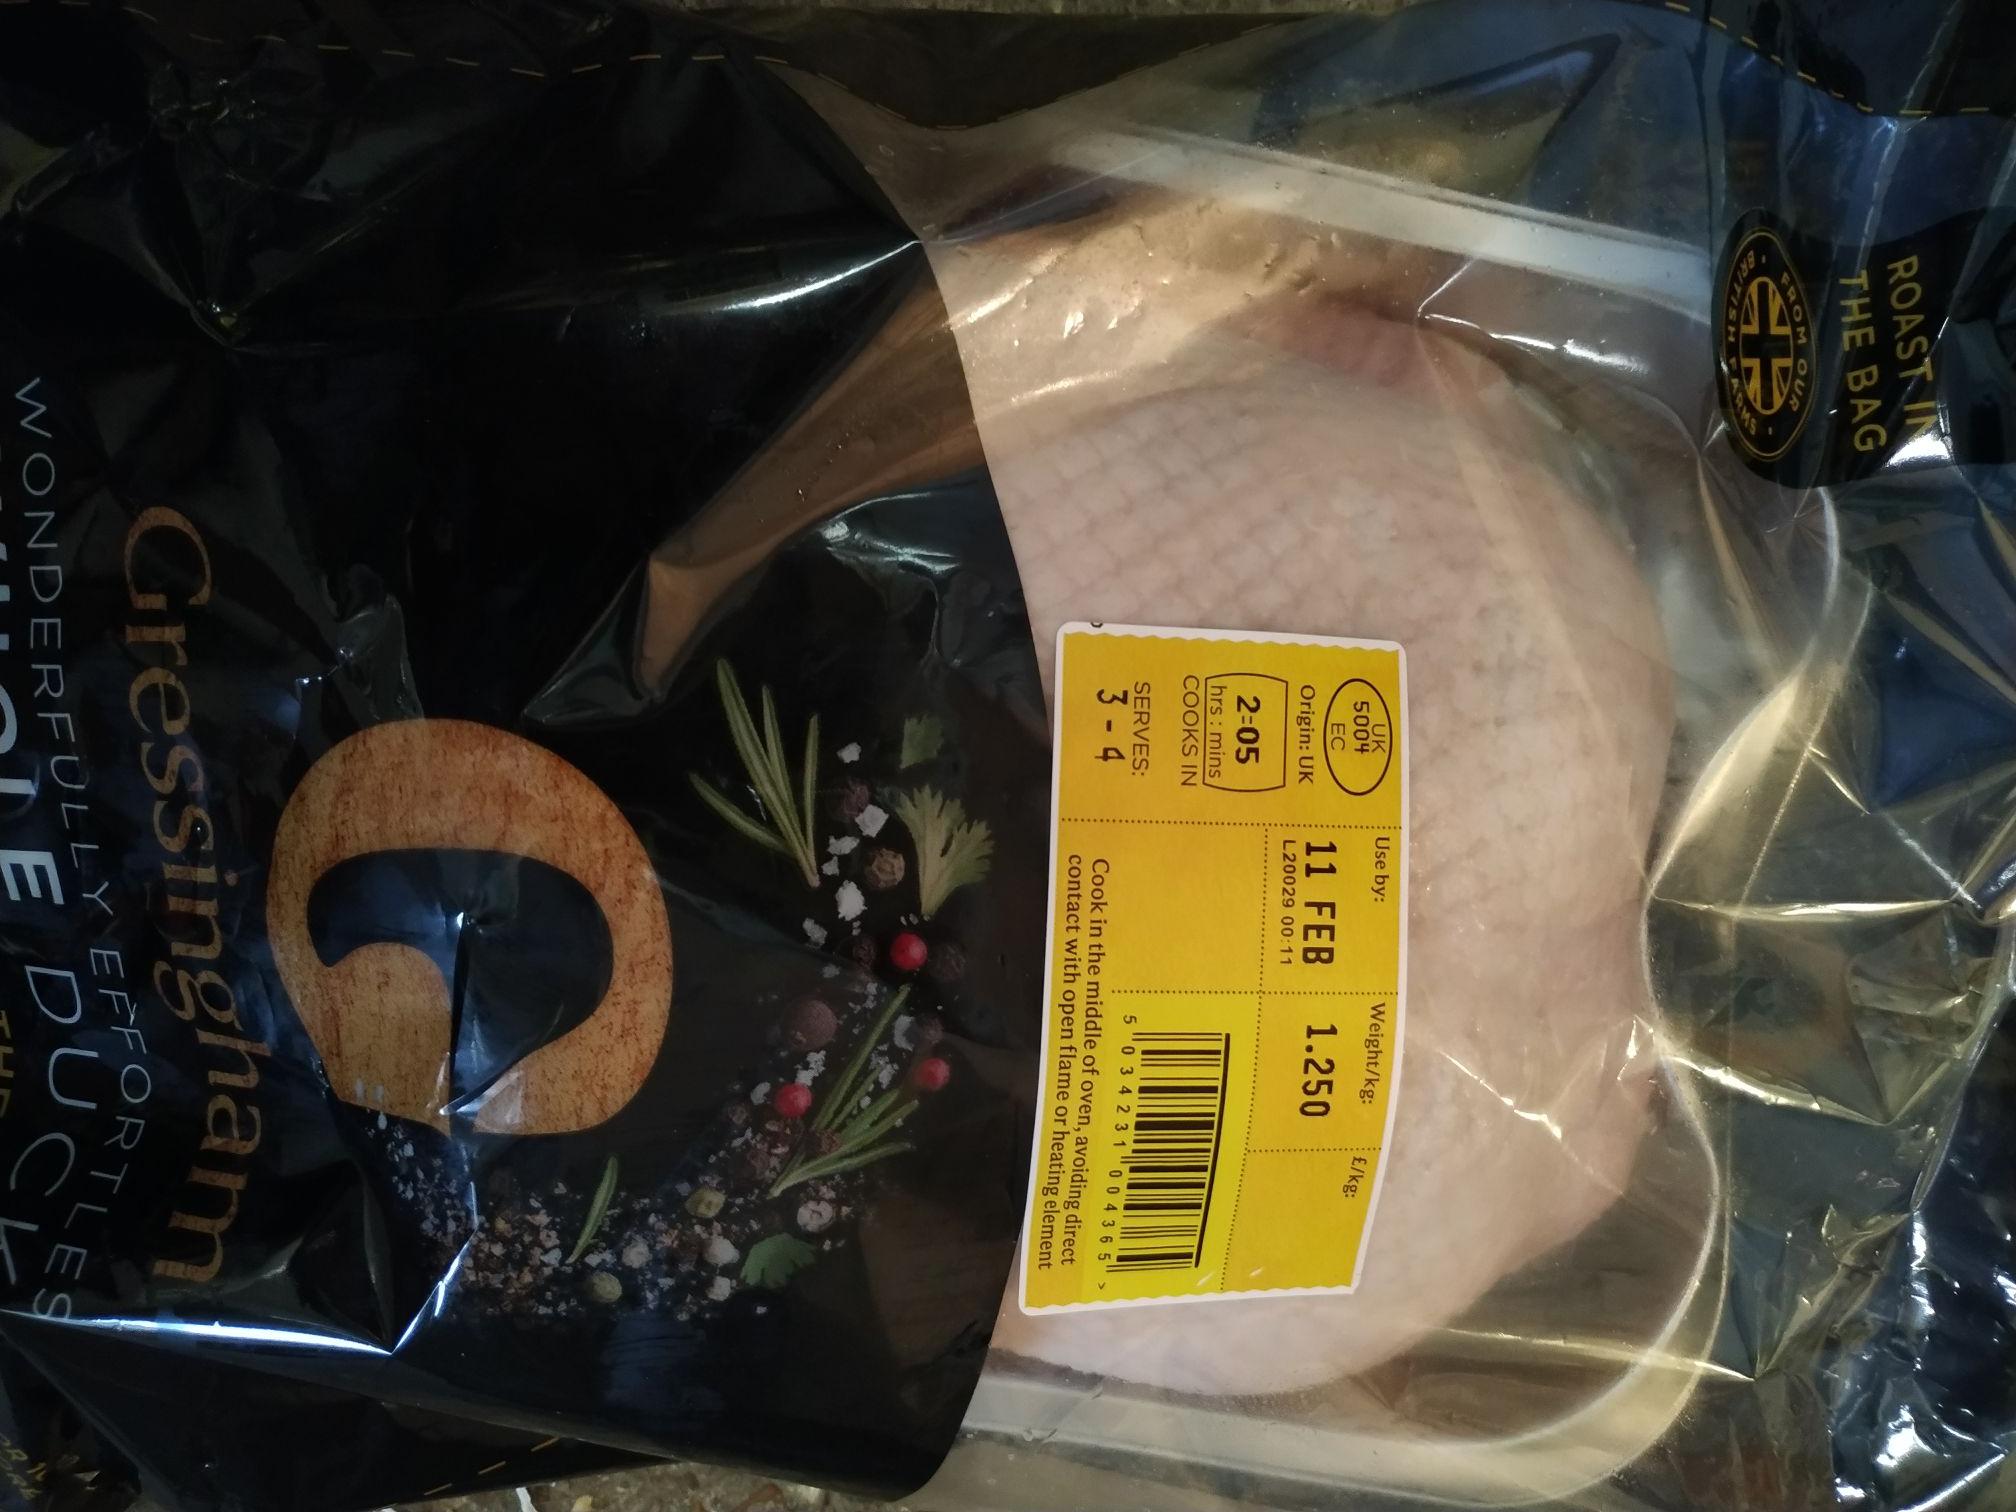 Gressingham Duck 1.25kg £5.95 instore @ Waitrose & Partners